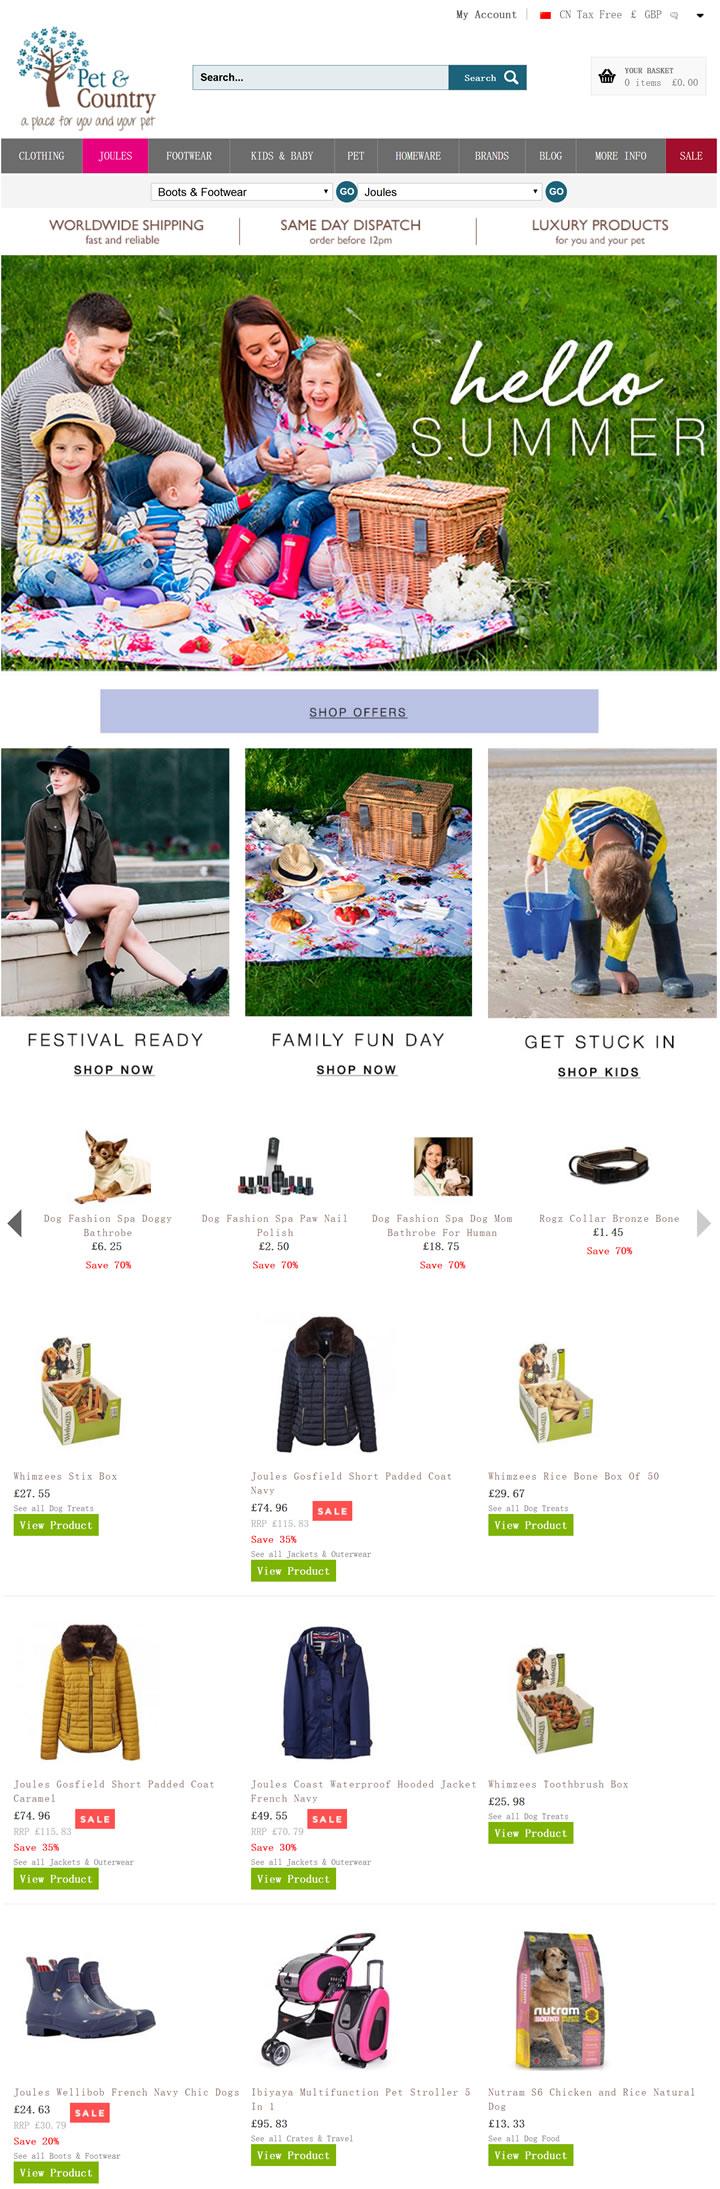 英国乡村时尚和宠物用品专家:Pet & Country